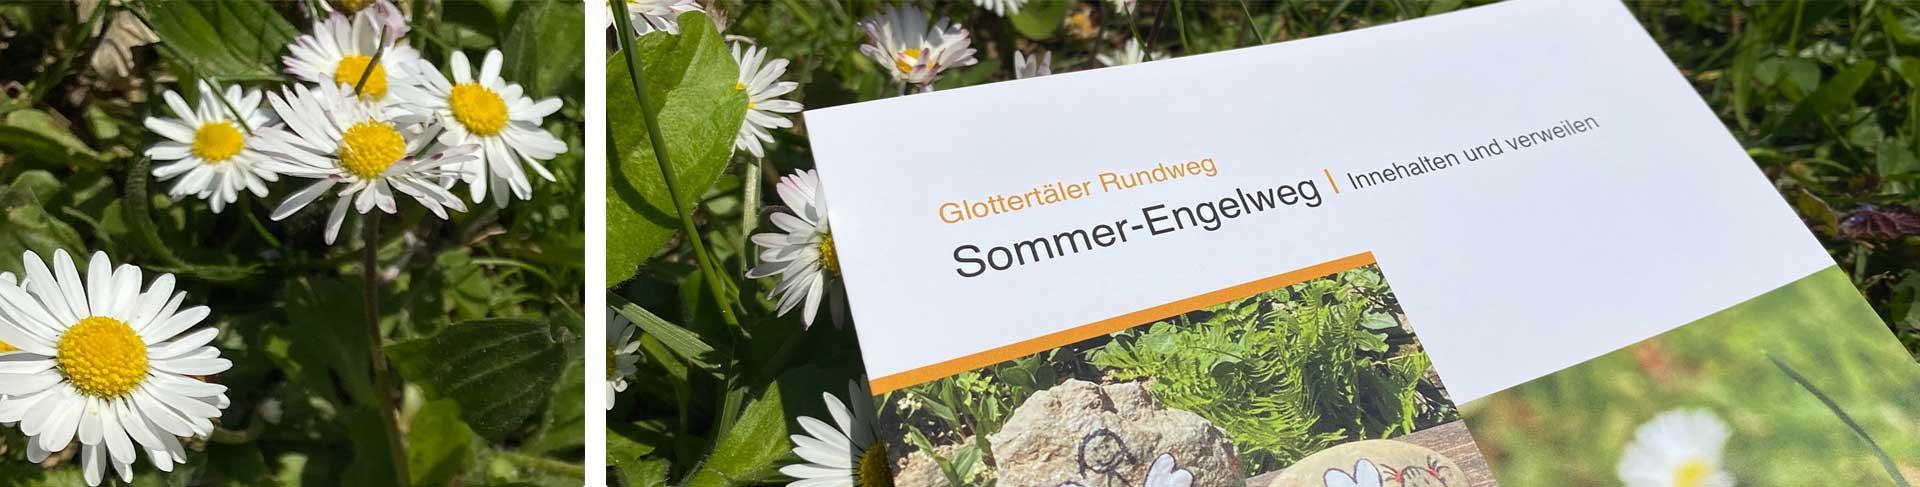 Flyer vom Engelweg mit Gänseblümchen im Hintergrund